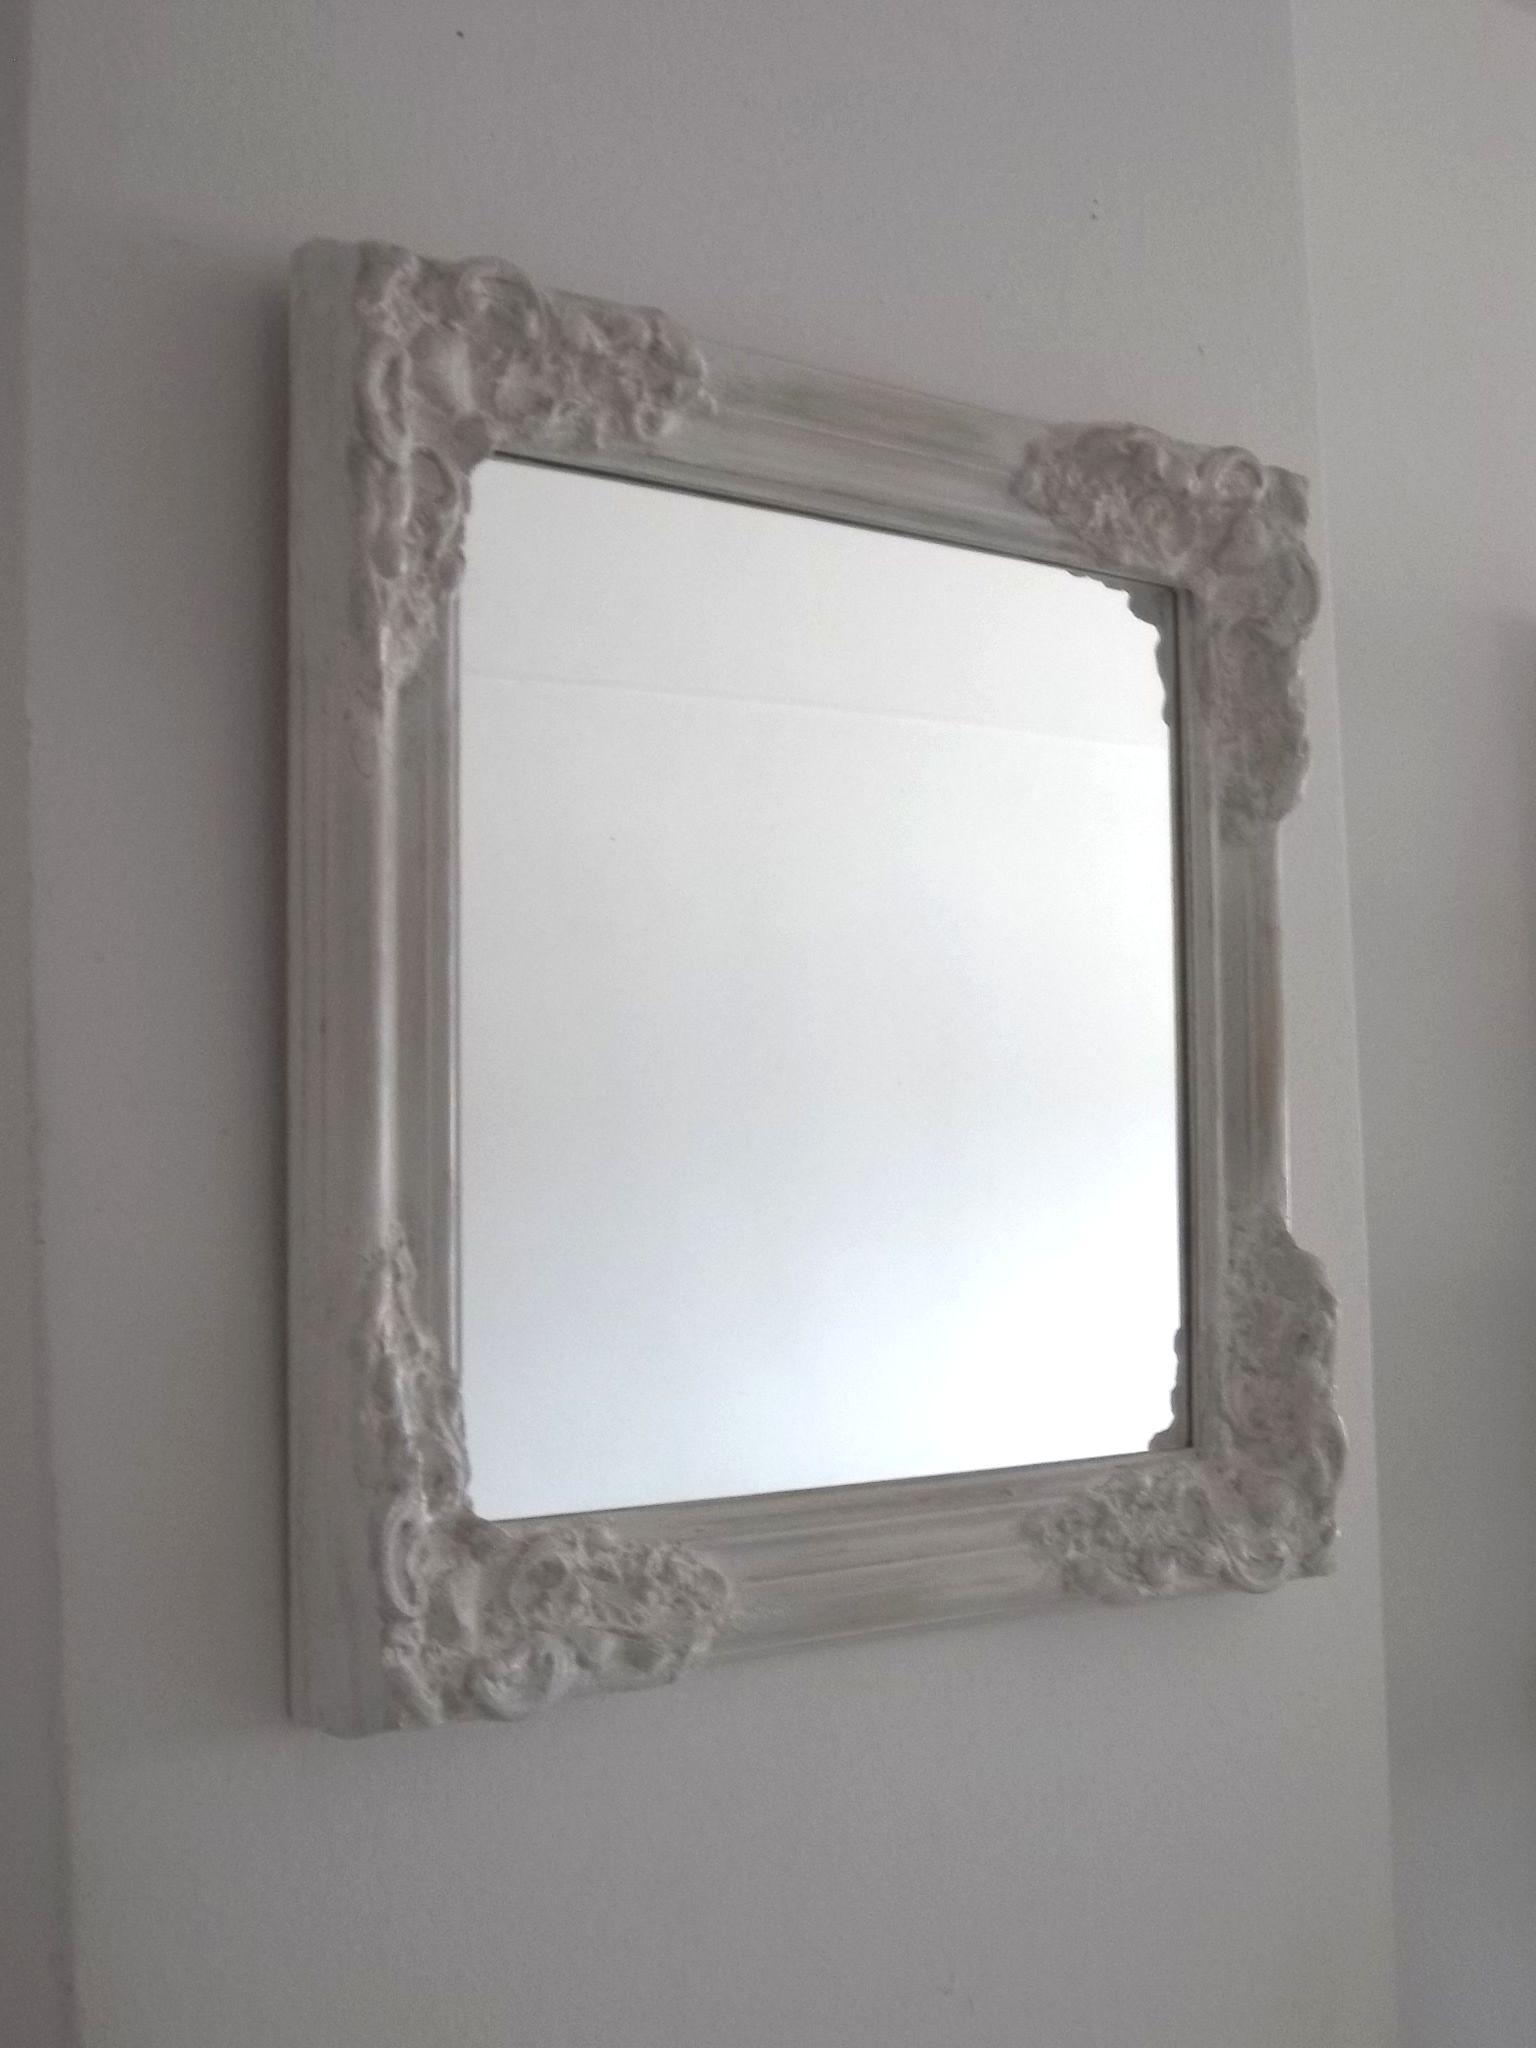 Espejo vintage decapado blanco con base de madera for Espejos con marco de madera blanco